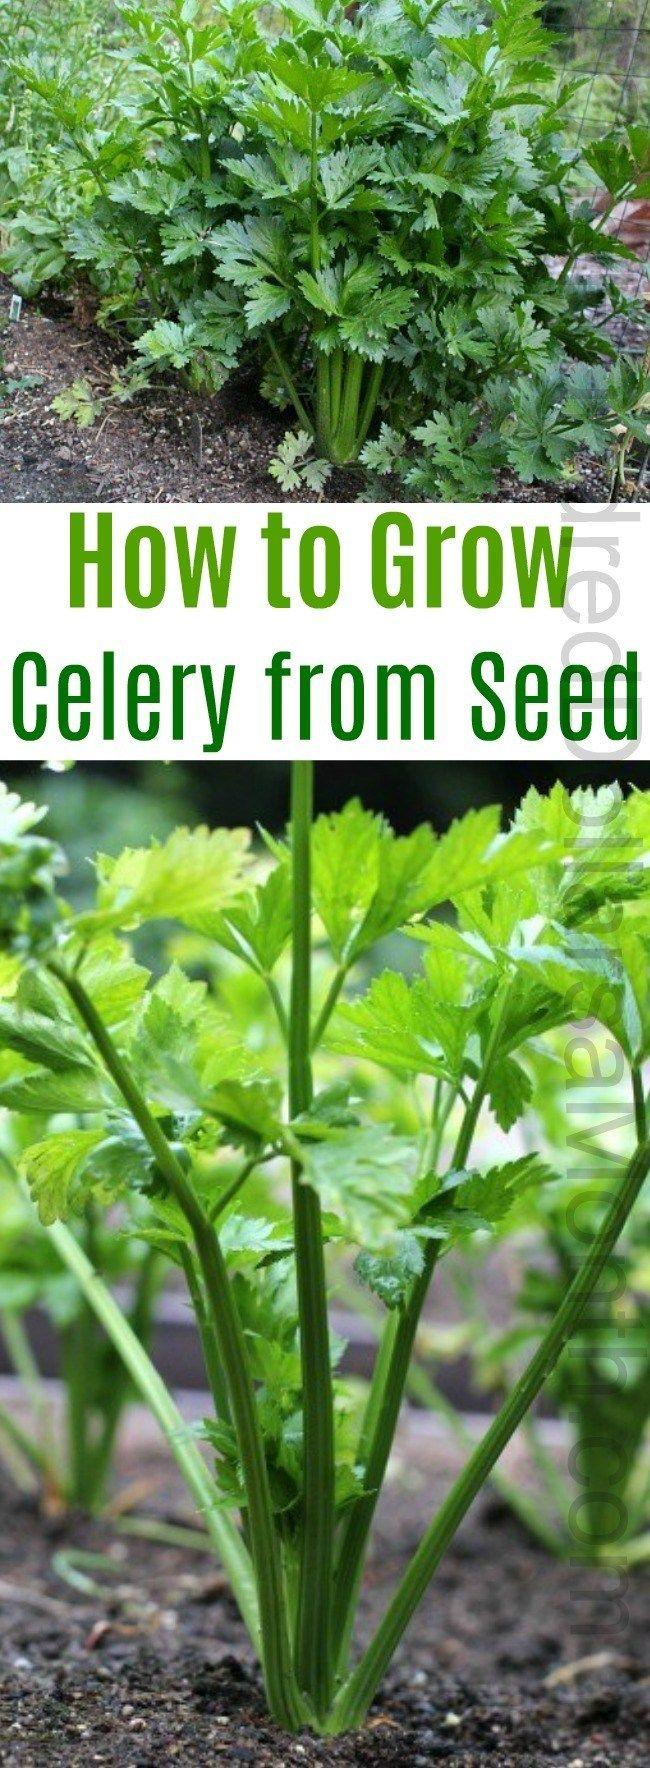 How To Grow Celery Start To Finish Celery Plant 400 x 300